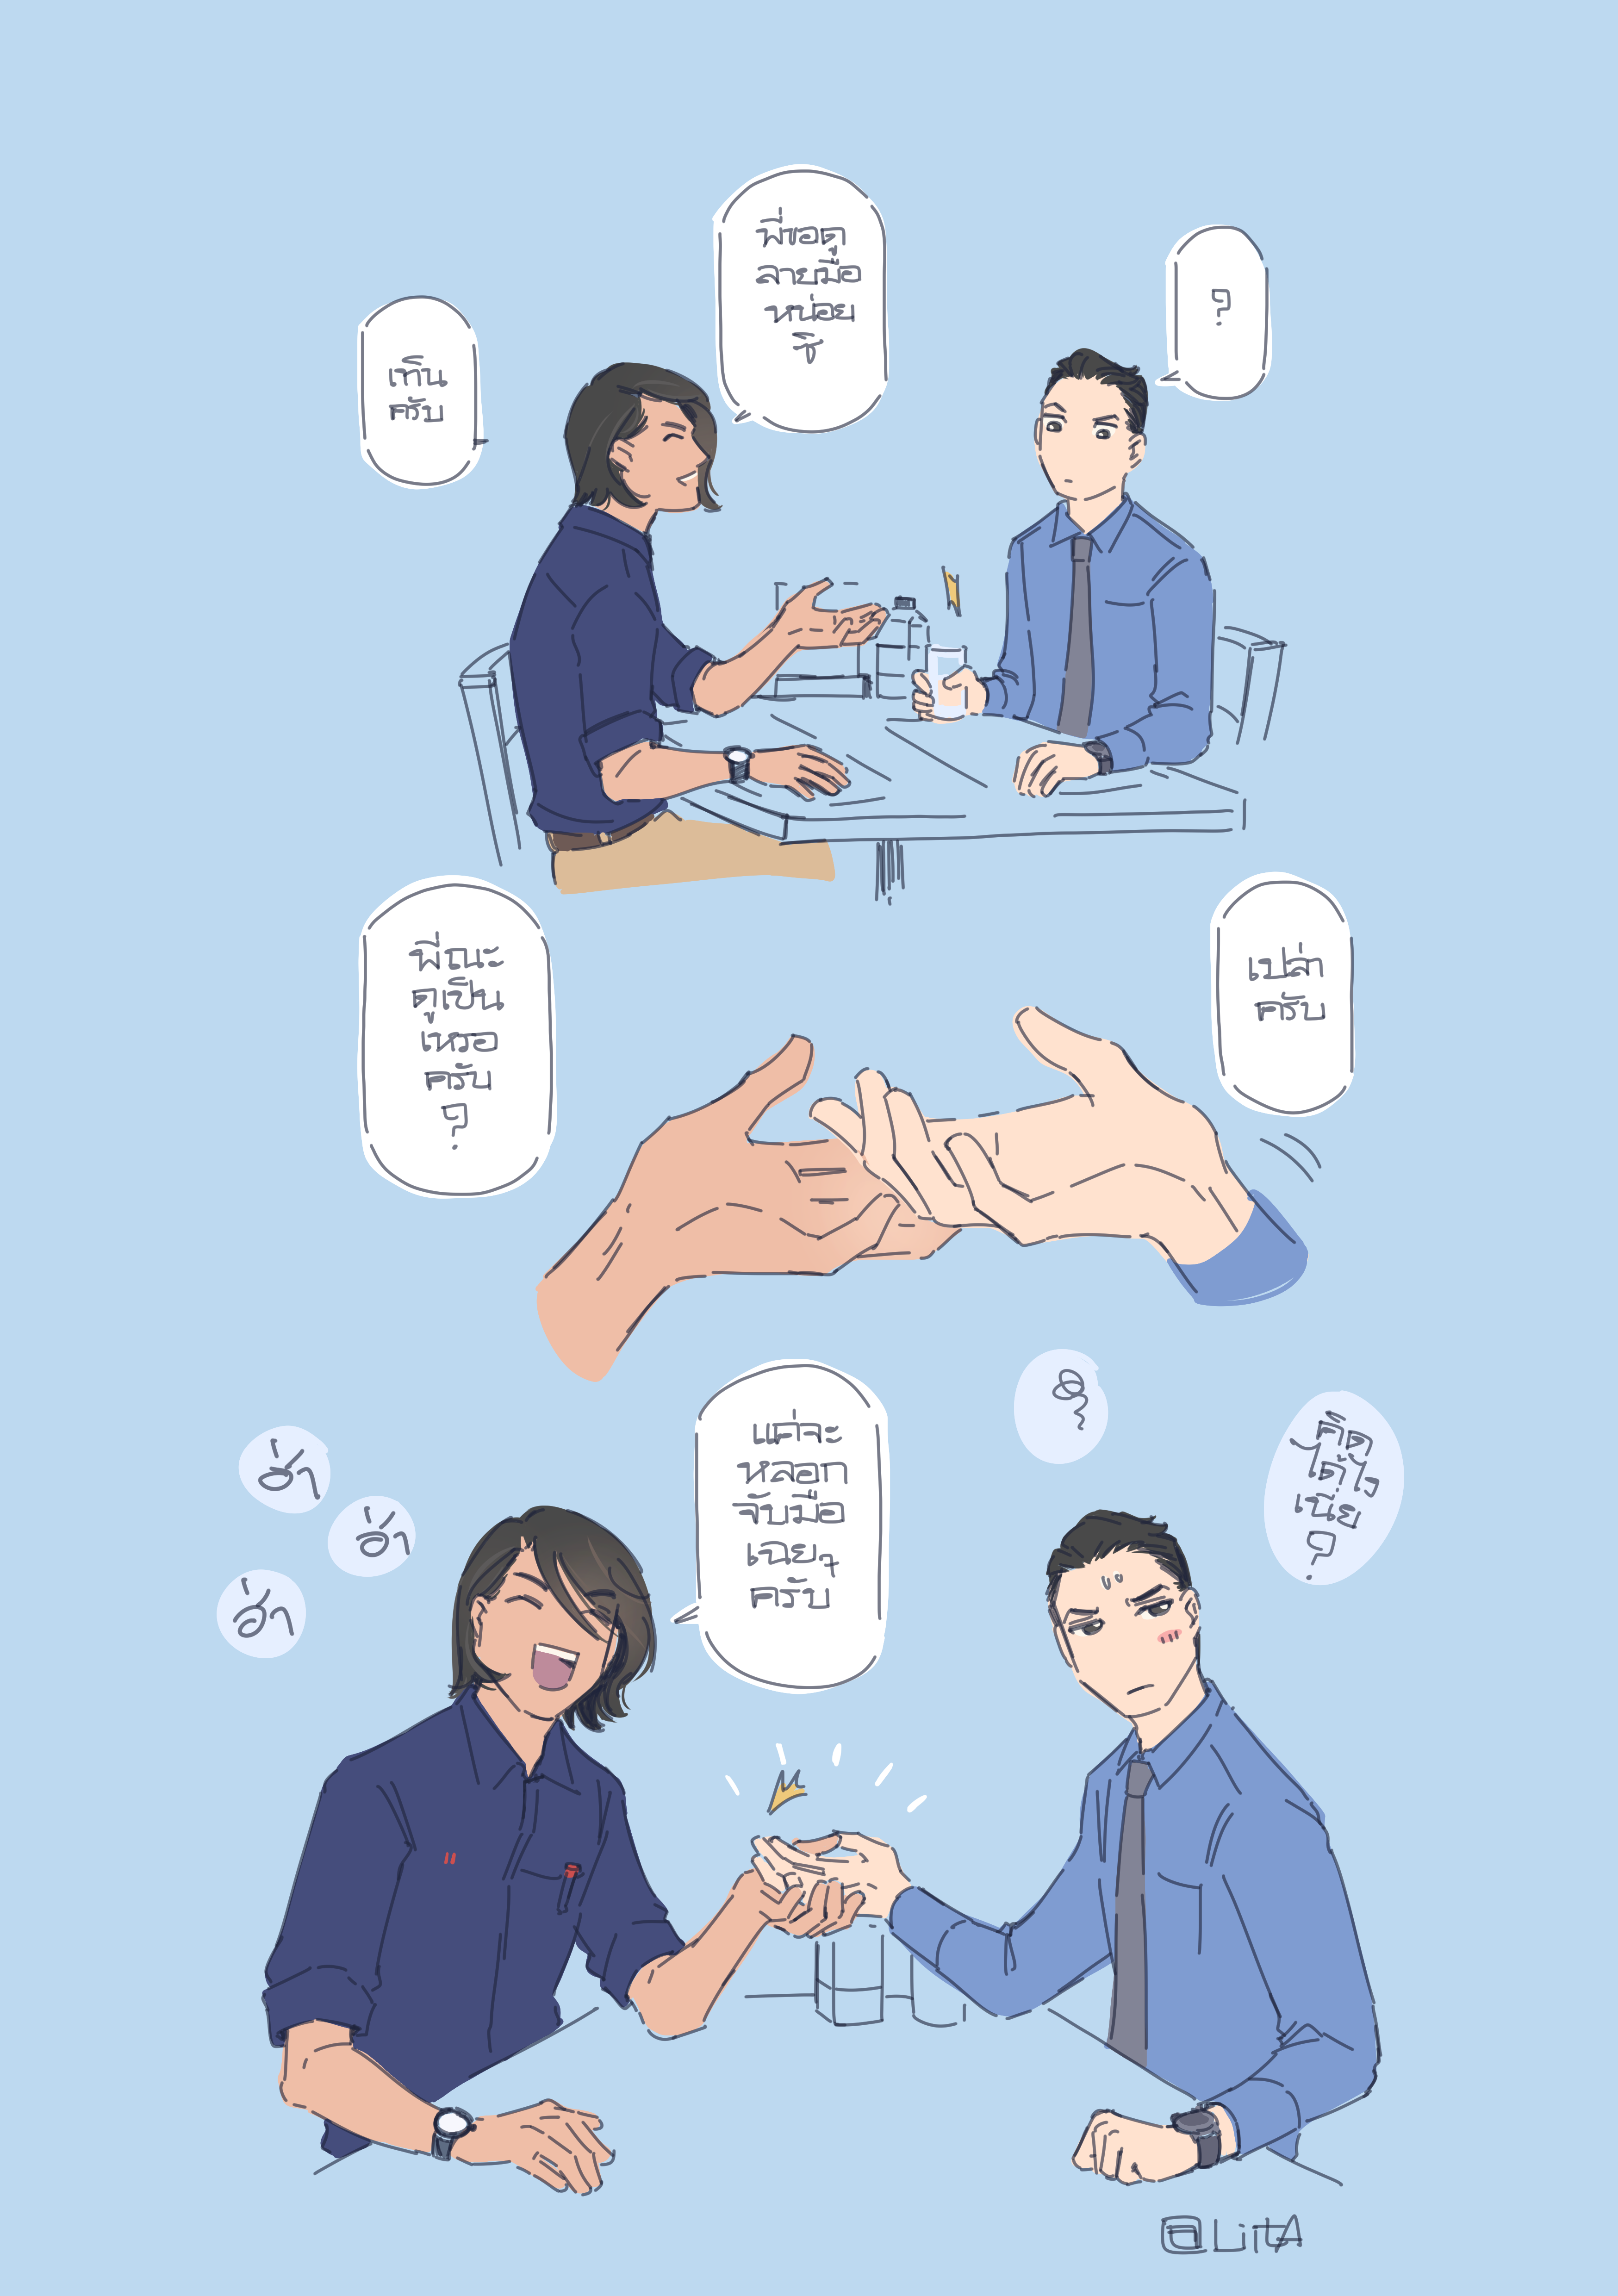 เคส 29 - ขอมือหน่อย